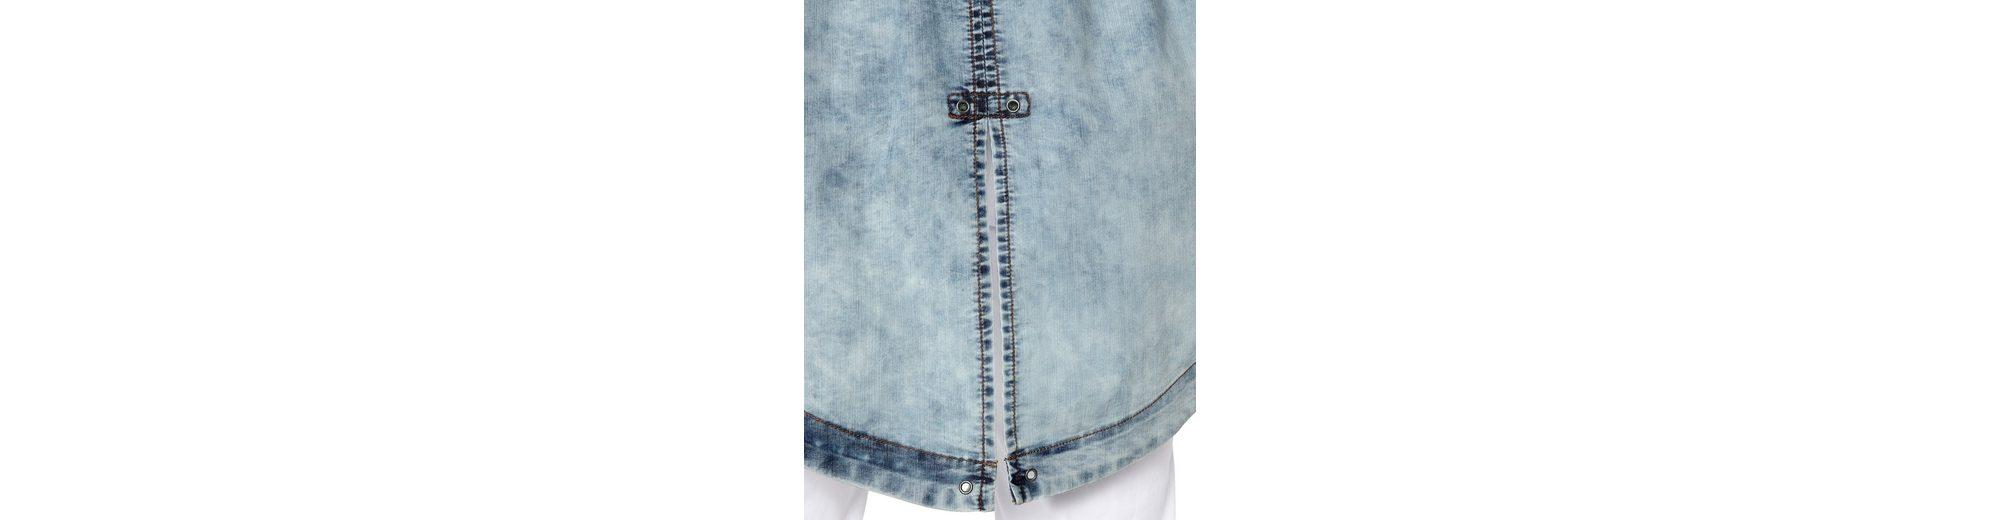 Viele Arten Von Online MIAMODA Jeansjacke im modischen Parka-Style Speicher Mit Großem Rabatt Beliebt KRU8nmPMIK